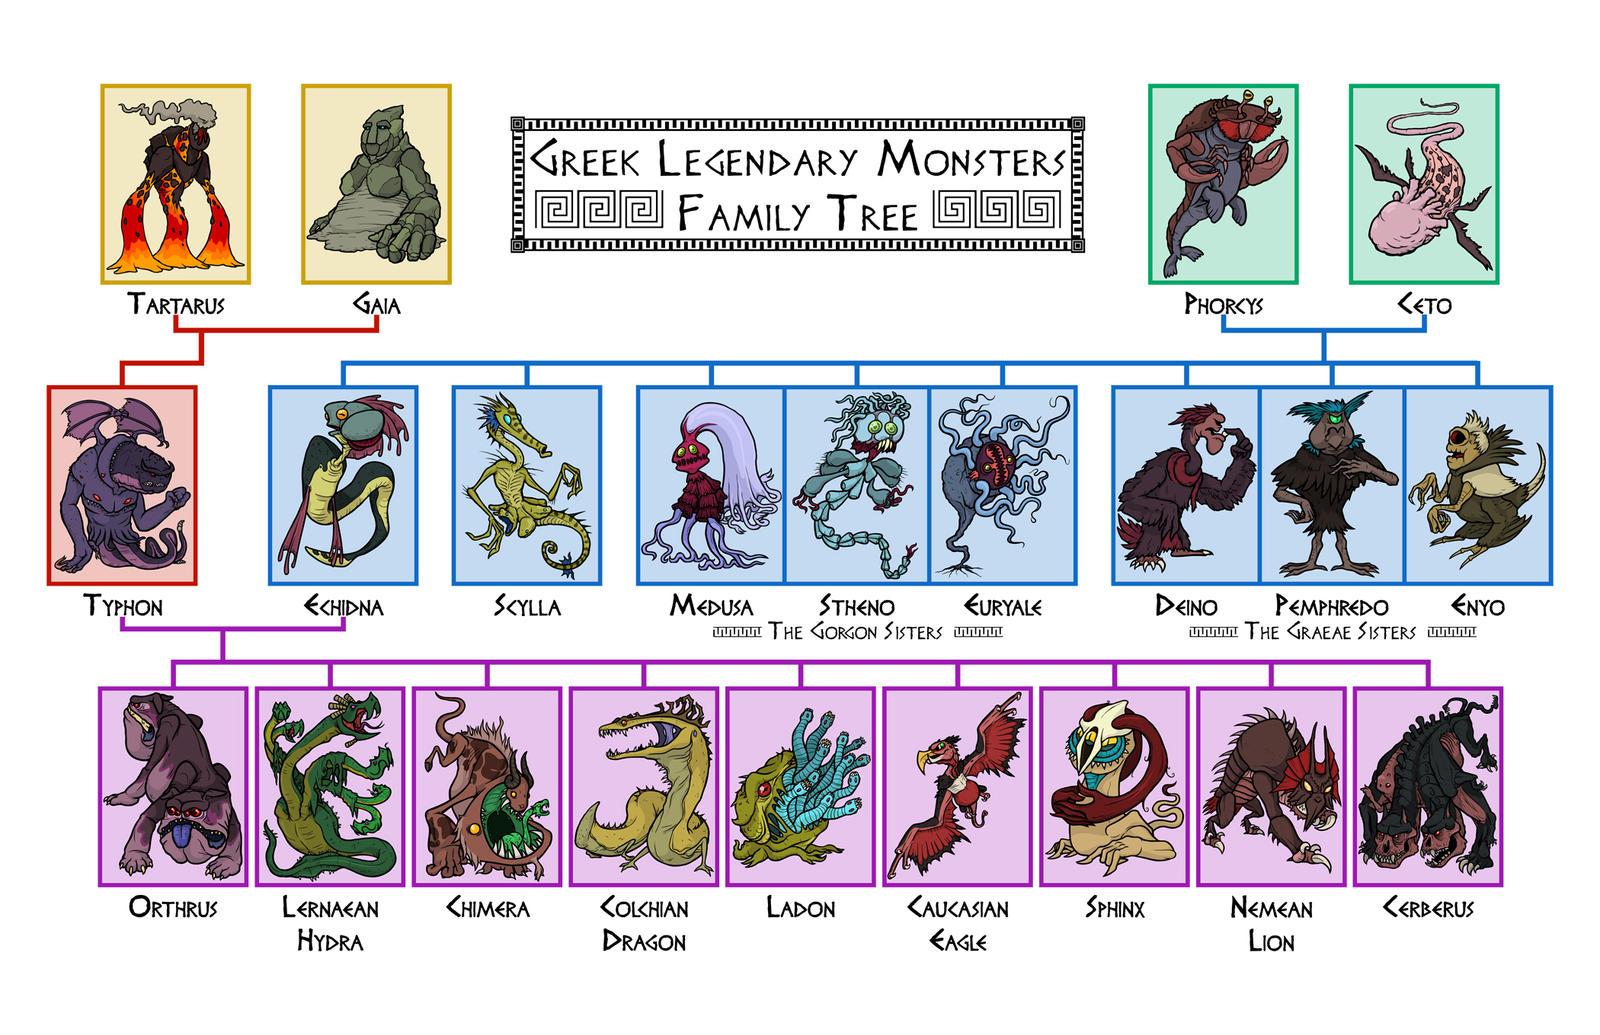 greek mythological creatures triton world